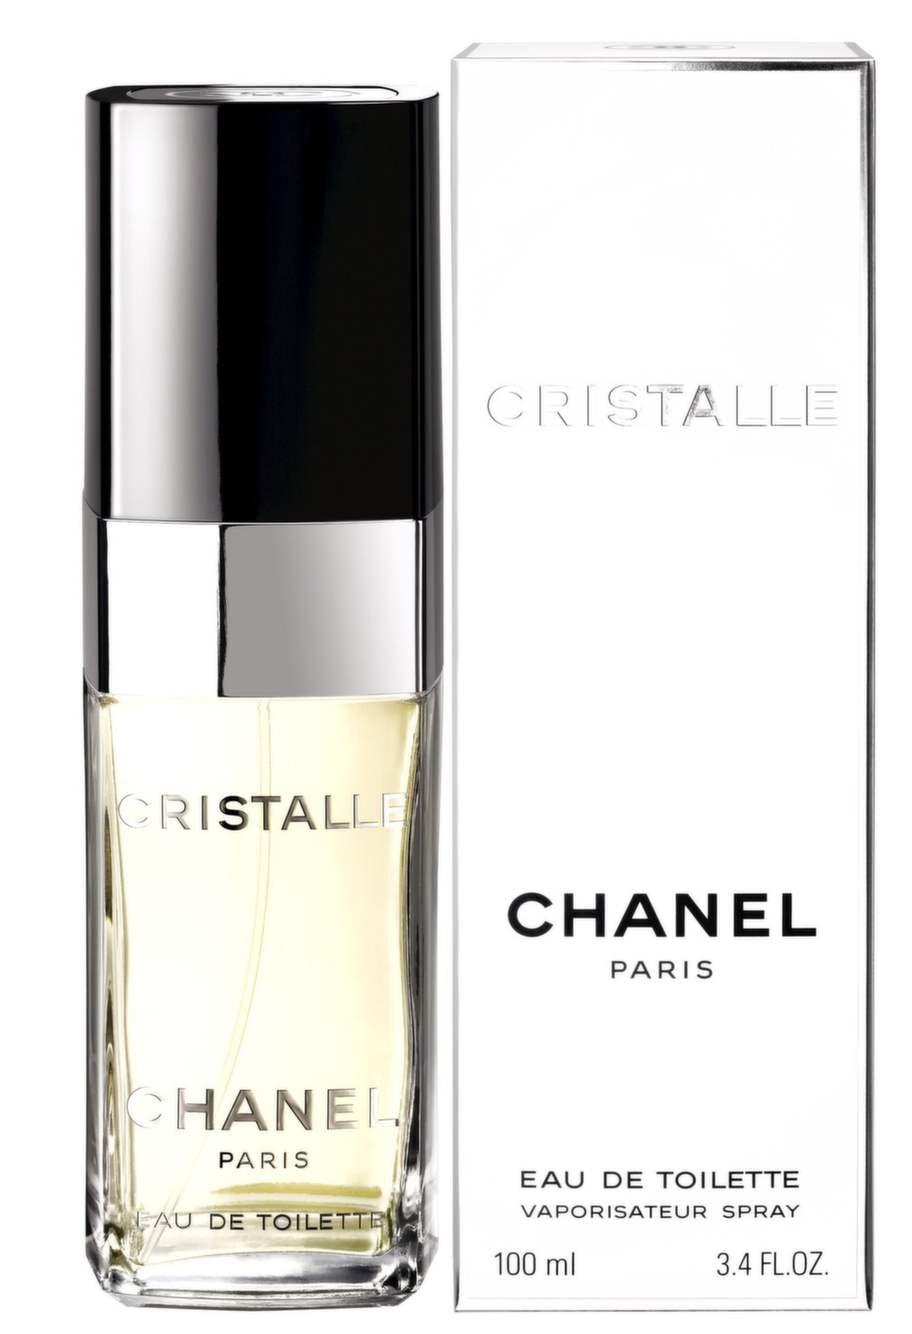 Cristalle edt, 650 kronor/50 ml, Chanel – en personlig favorit i parfymkategorin chypre som med petitgrain, hyacint och ekmossa ger mig en stabil grund och avspänt målfokus.